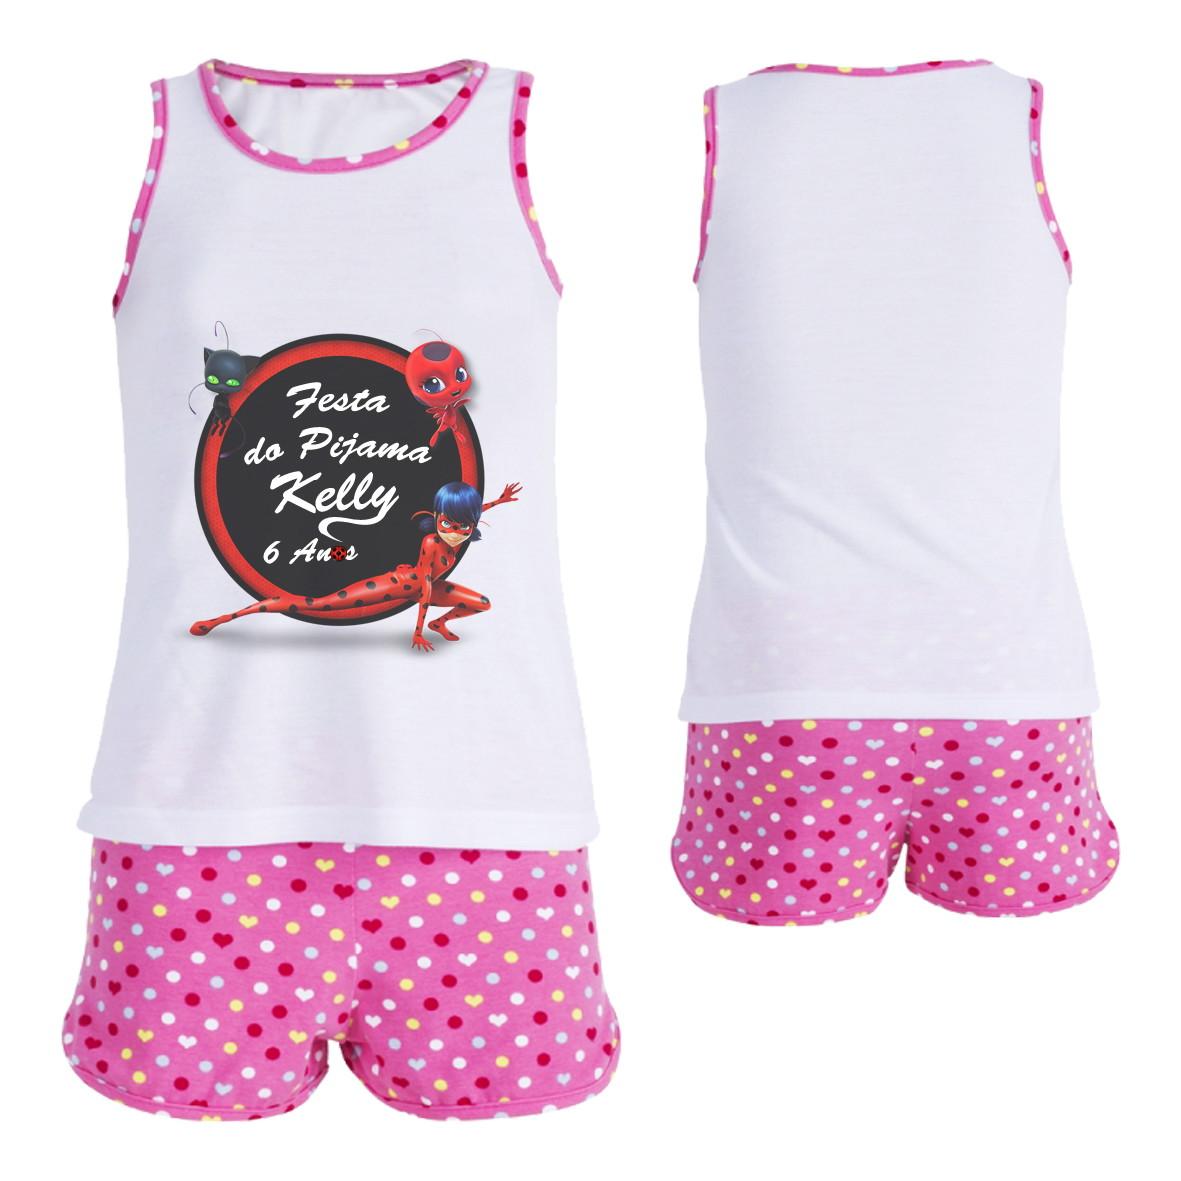 c3ab35b1a35 Conjunto Pijama Infantil Feminino no Elo7